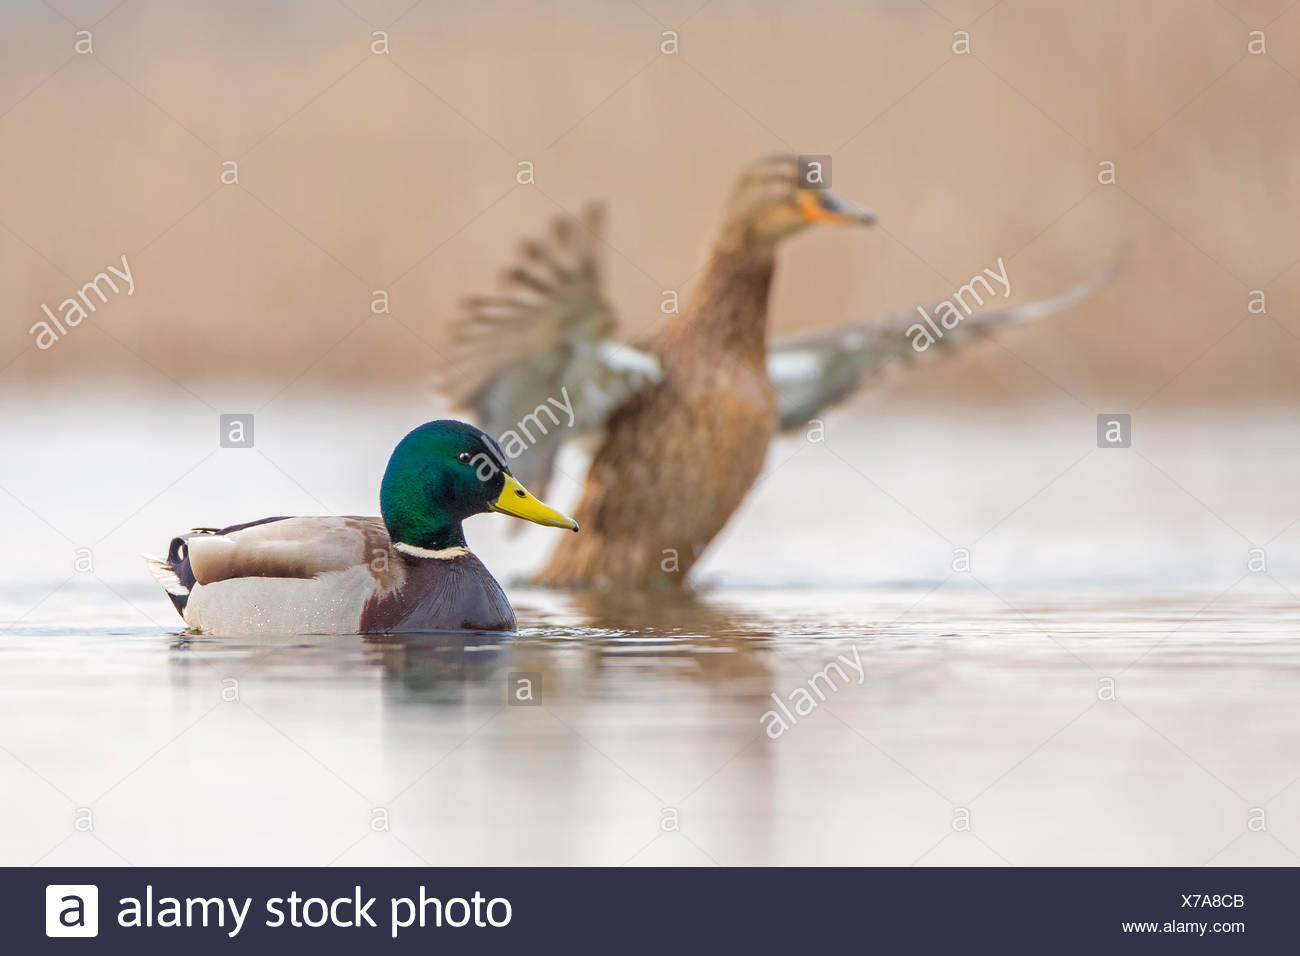 Pato salvaje o el ánade real (Anas platyrhynchos) Pareja, oriente el Elba, en el Estado federado de Sajonia-Anhalt, Alemania Imagen De Stock